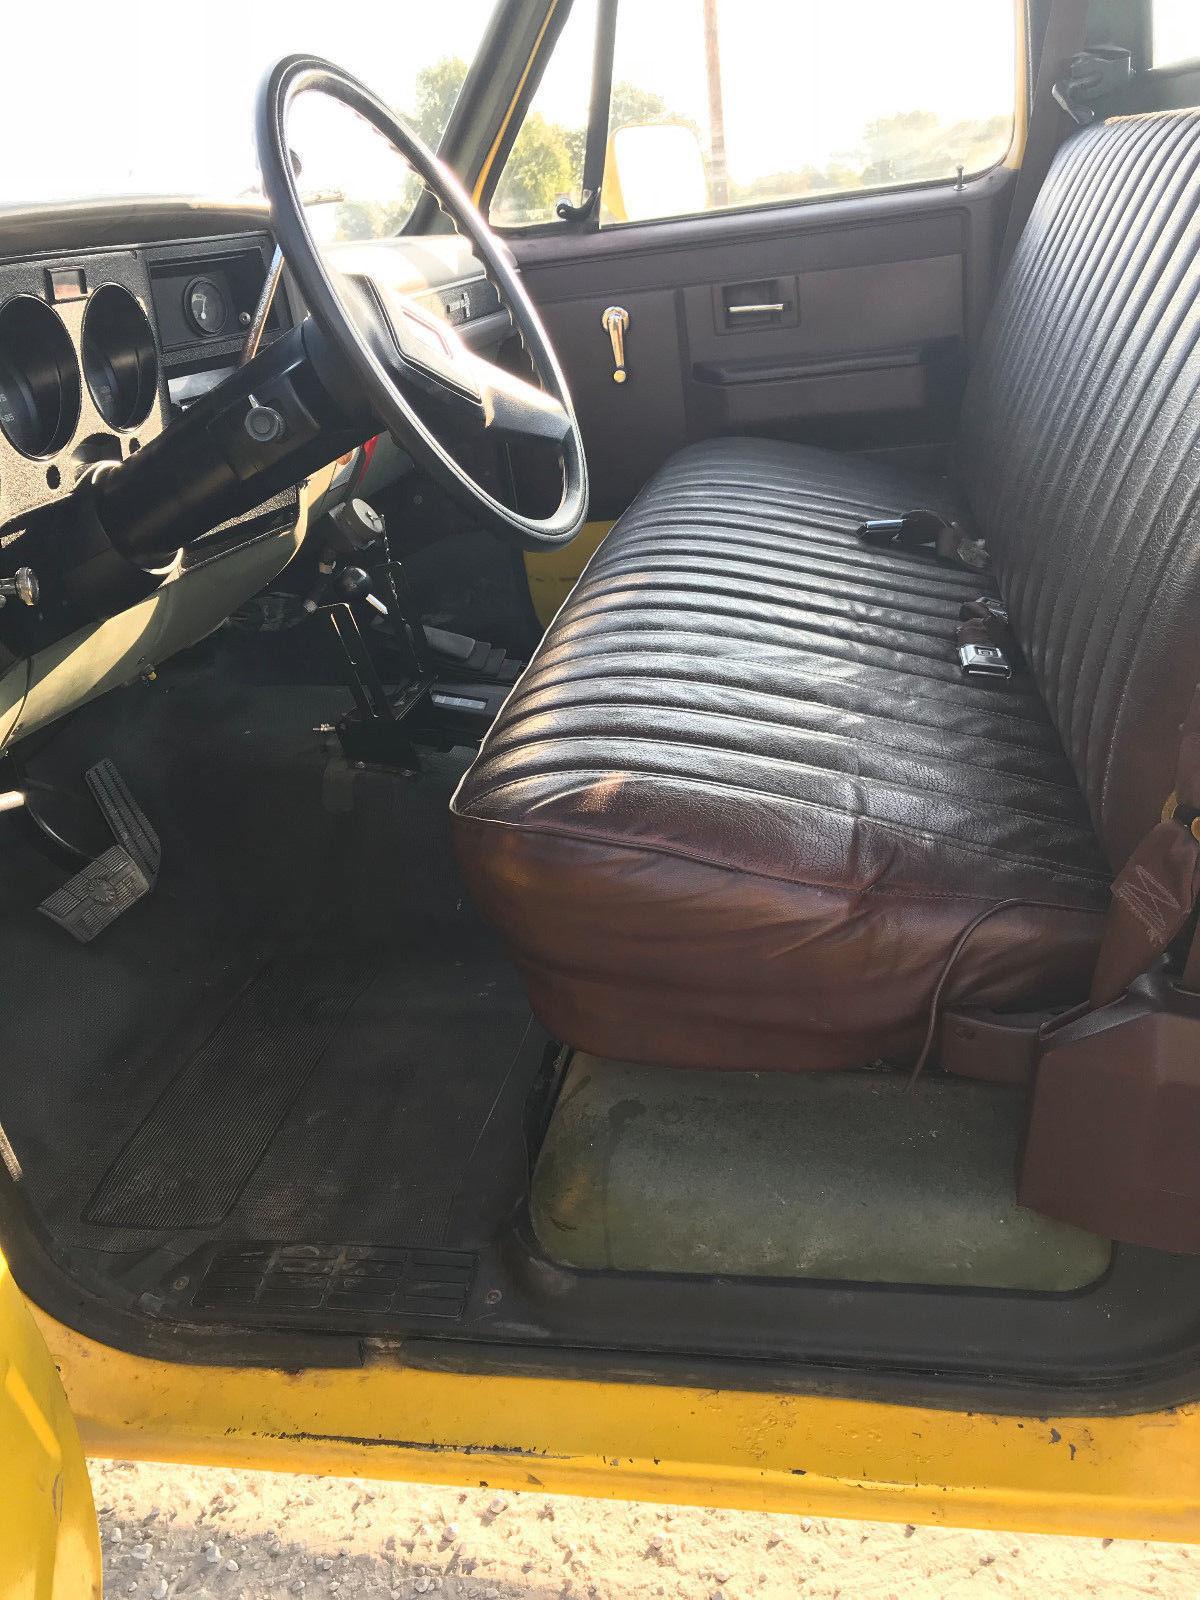 new parts 1986 Chevrolet M1008 D30 4×4 CUCV Military